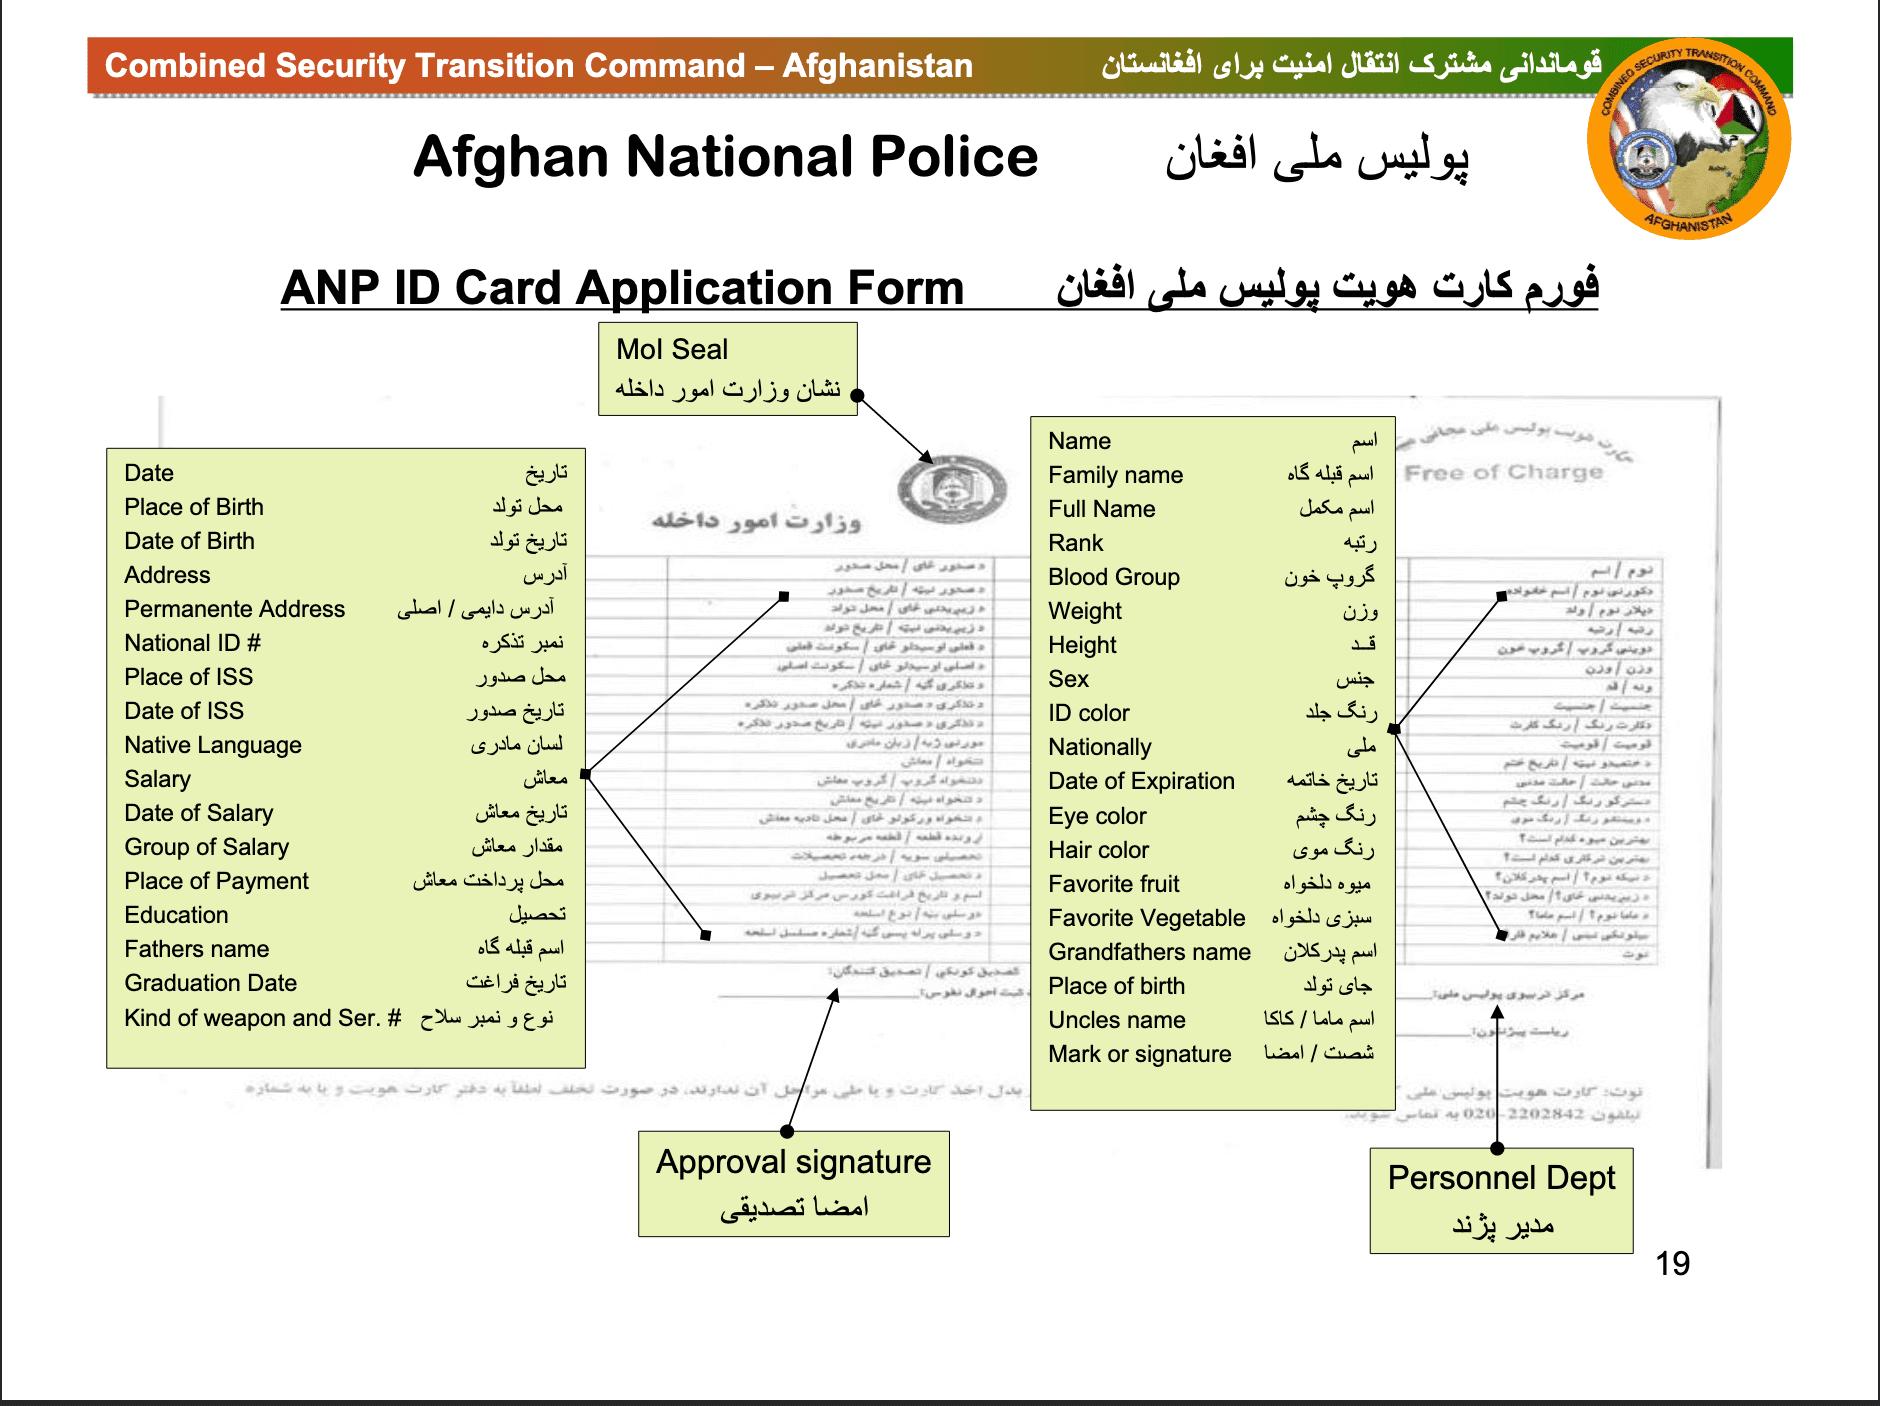 القصة الحقيقية لقواعد بيانات المقاييس الحيوية الأفغانية التي وقعت في أيدي طالبان